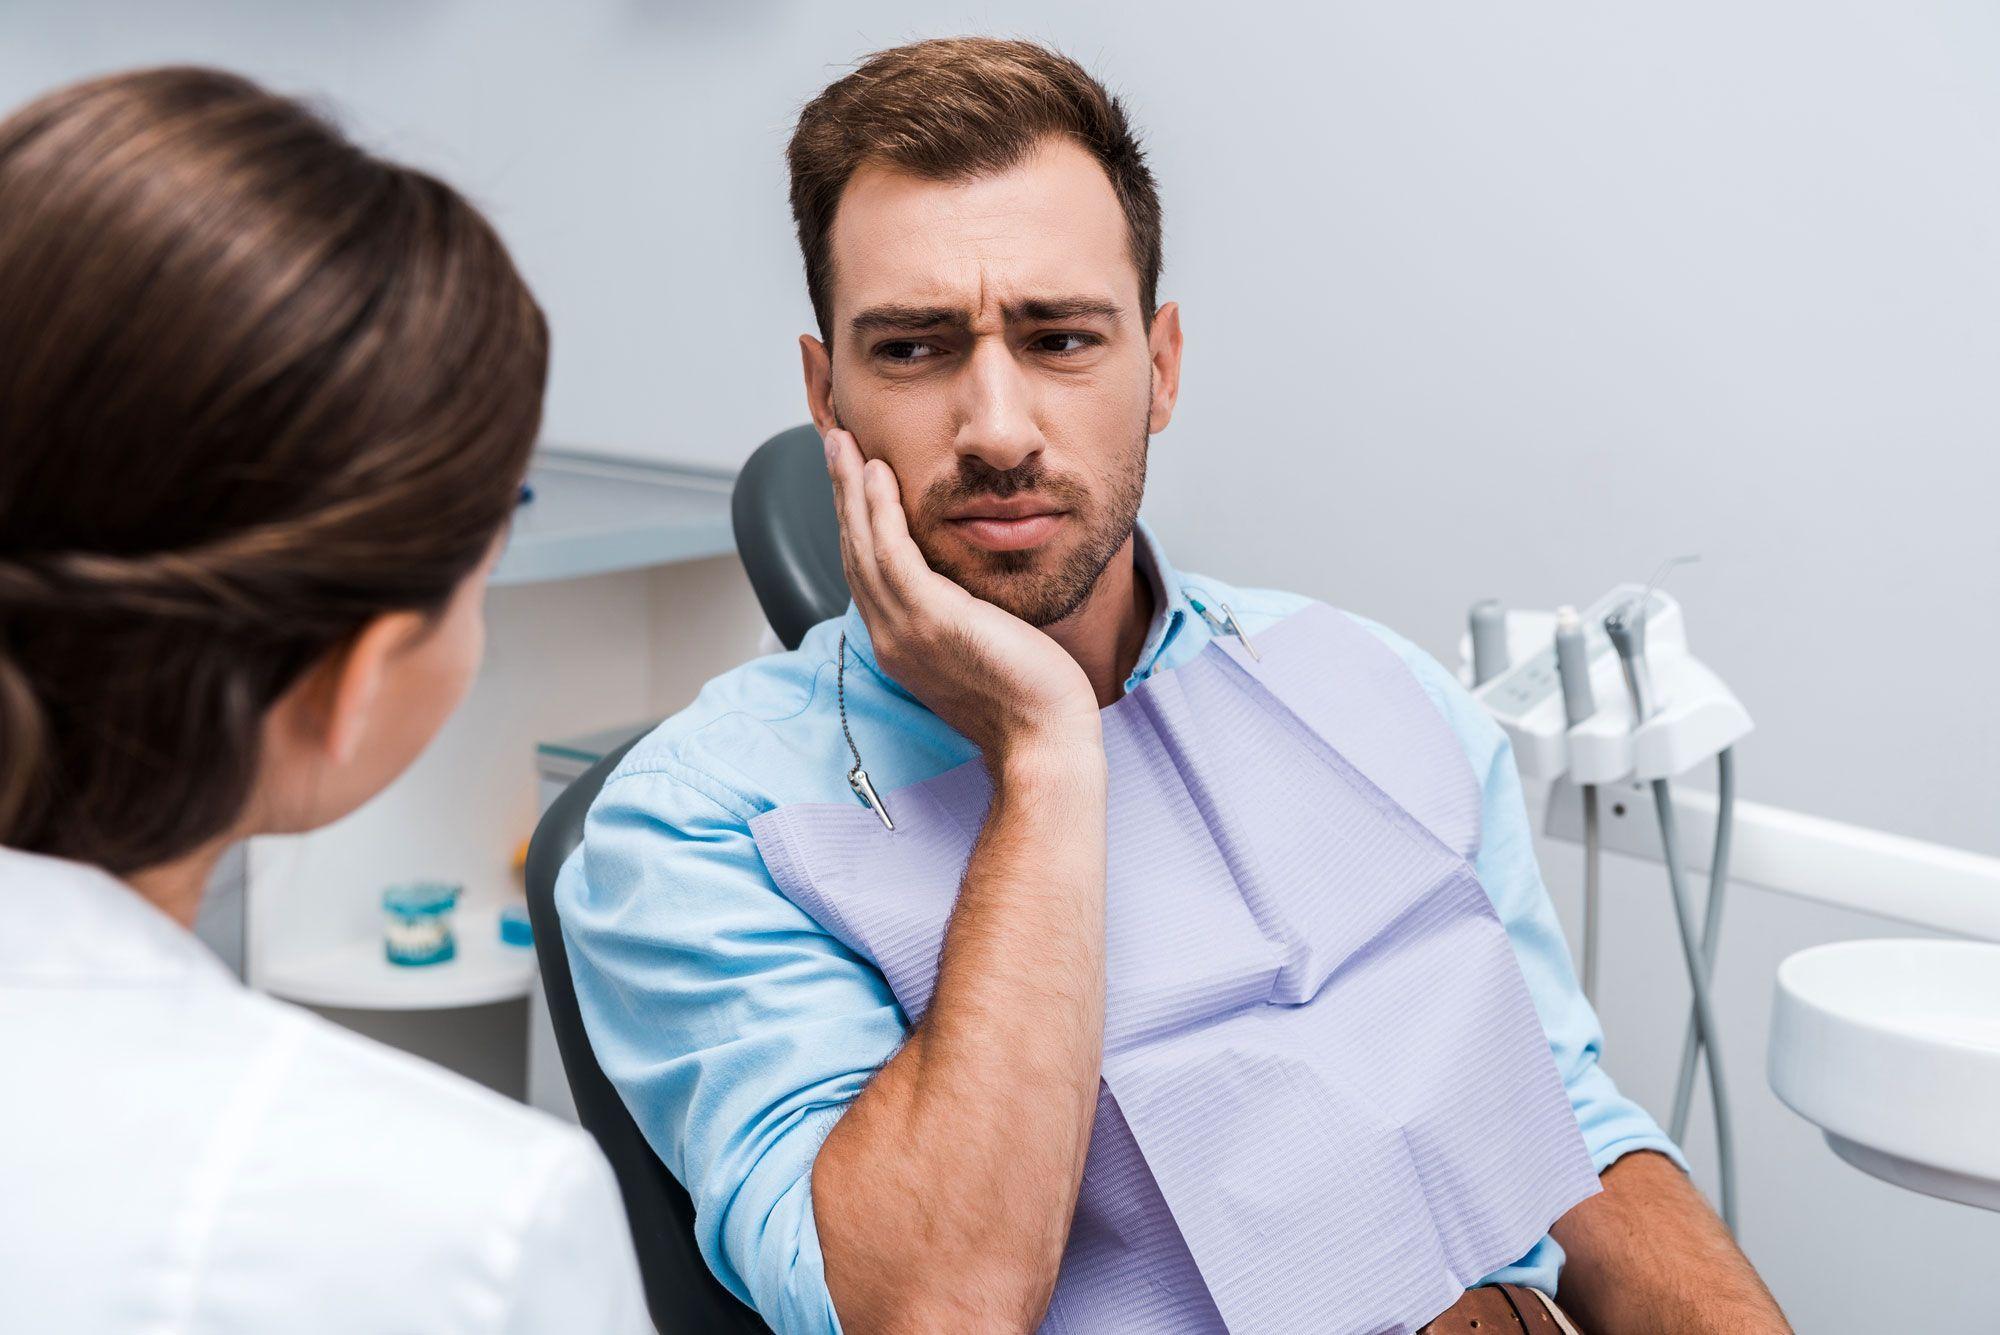 Острая зубная боль, что делать? 0